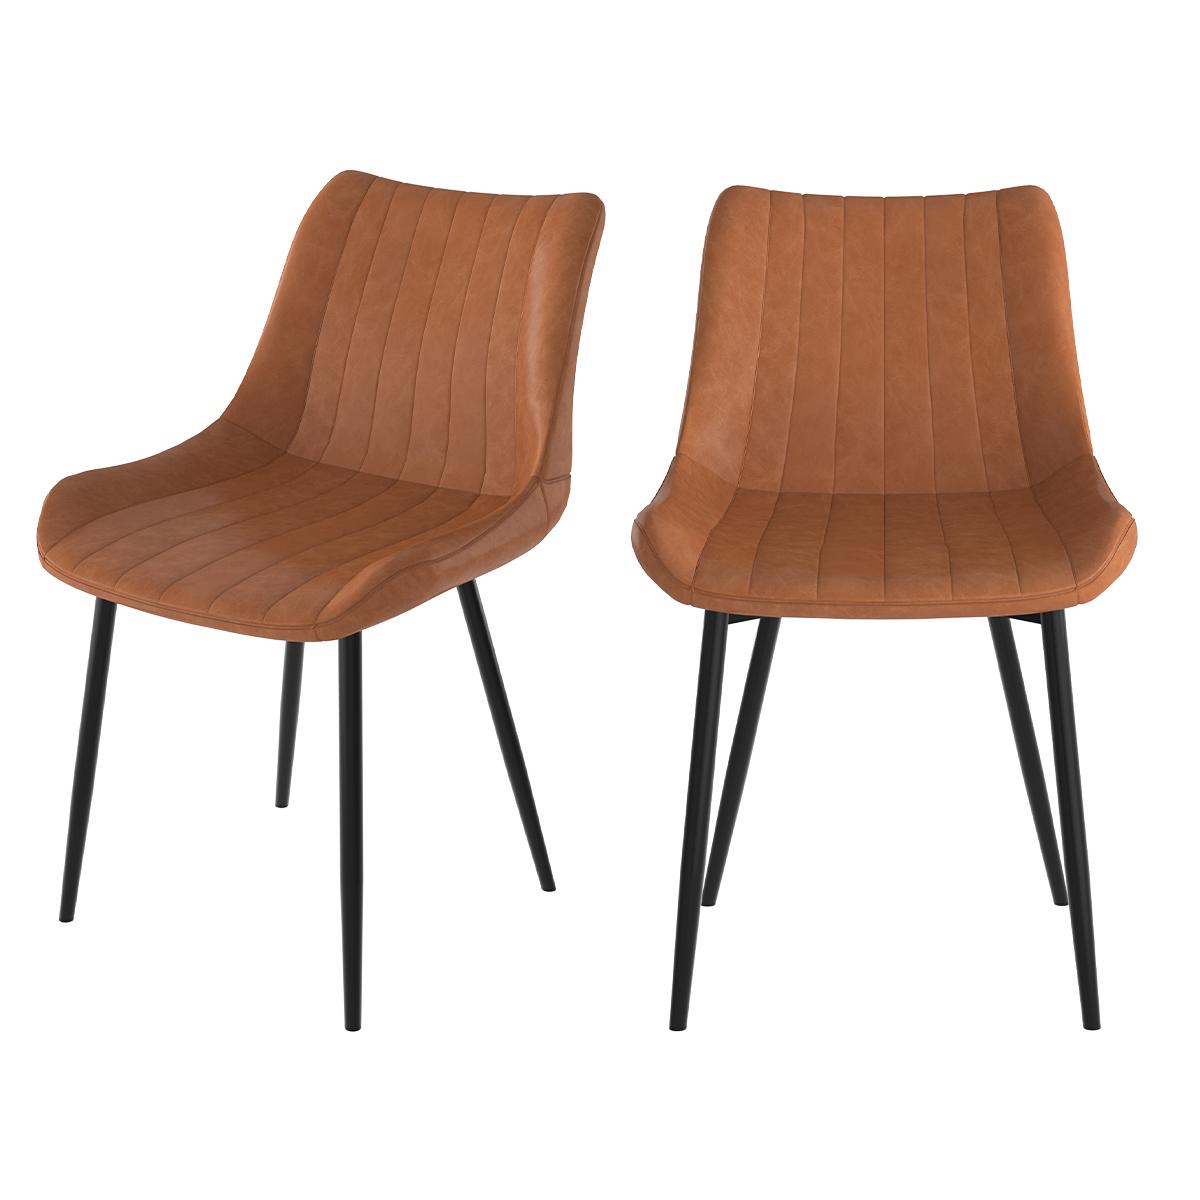 Chaise en cuir synthétique camel et métal noir (lot de 2)